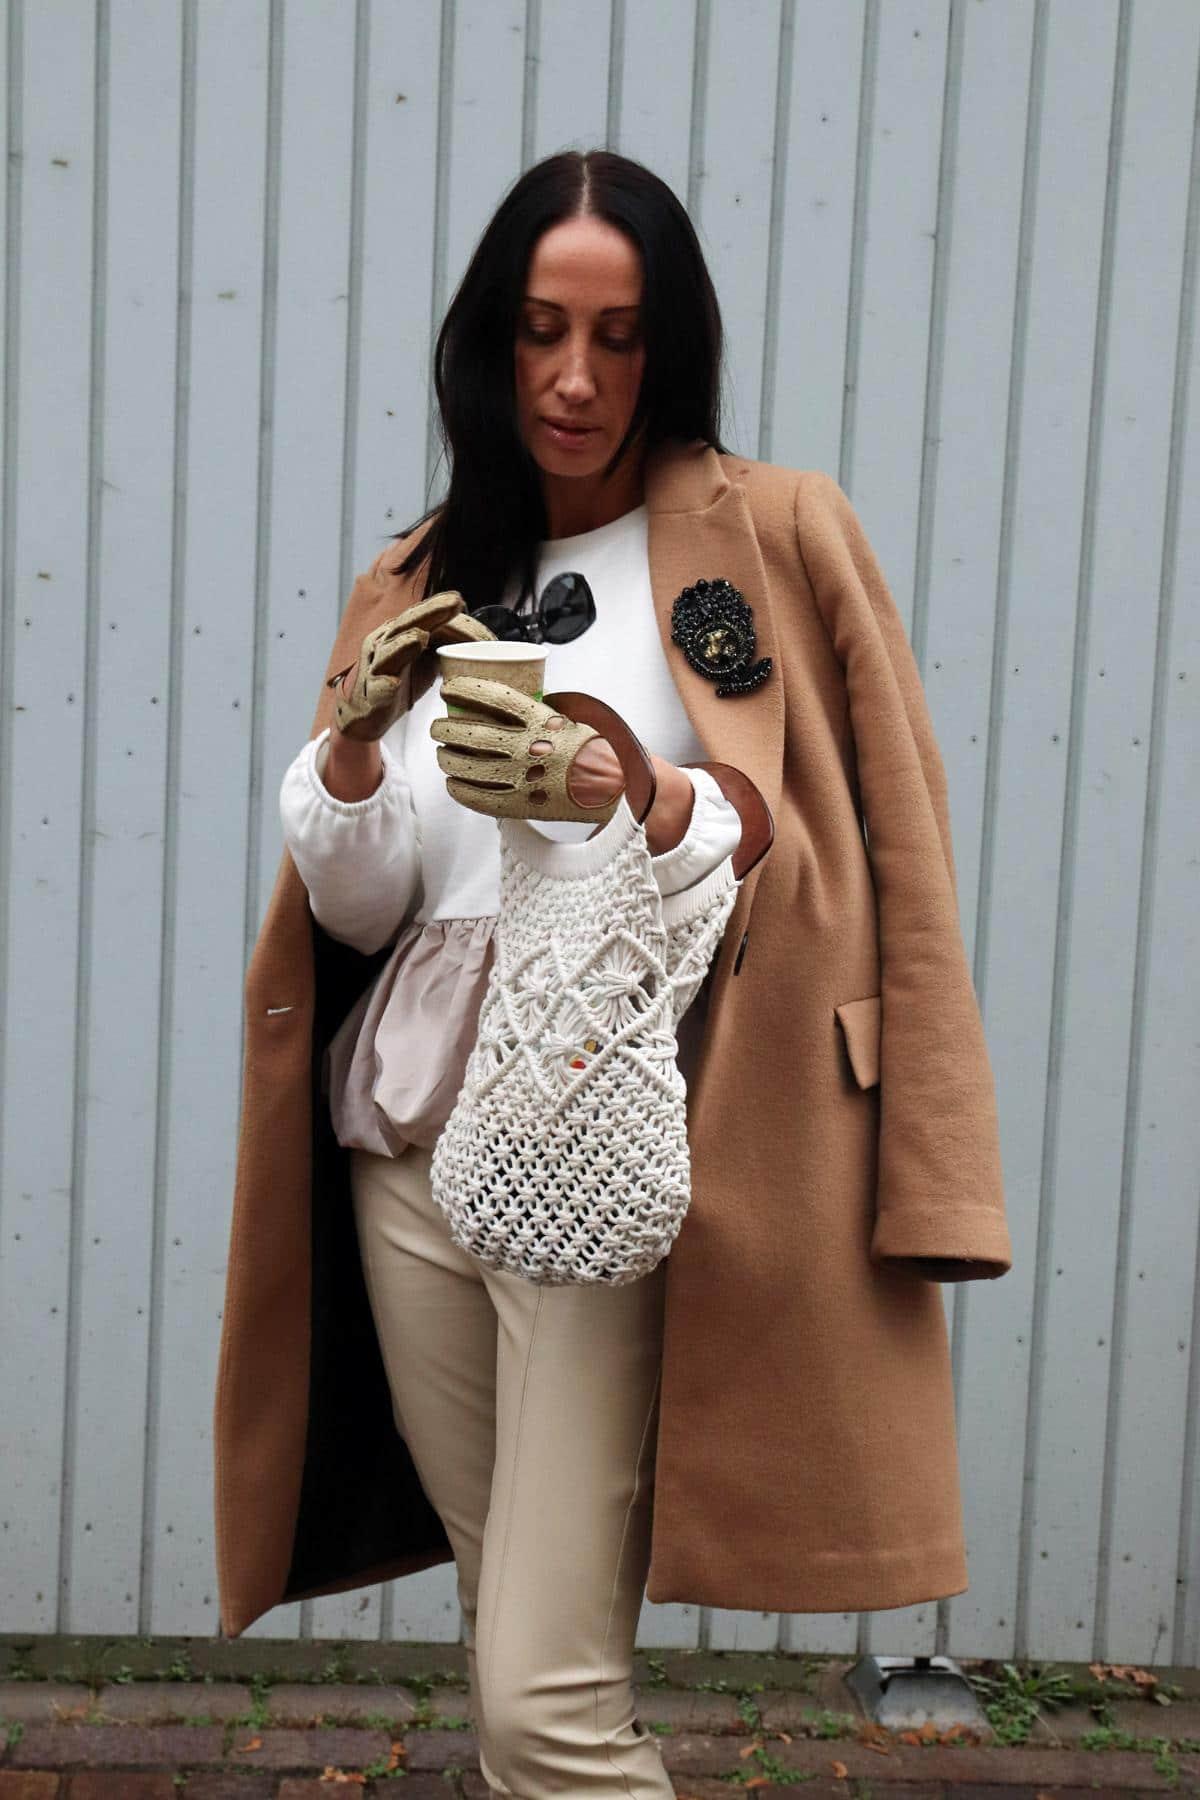 Herbststyle für Modefans in Beige- und Cognactönen, bestehend aus Lederleggins, Retrohandschuhen, Stricktasche und Sweater mit Volant. © Copyright Bettina Katscher 2019